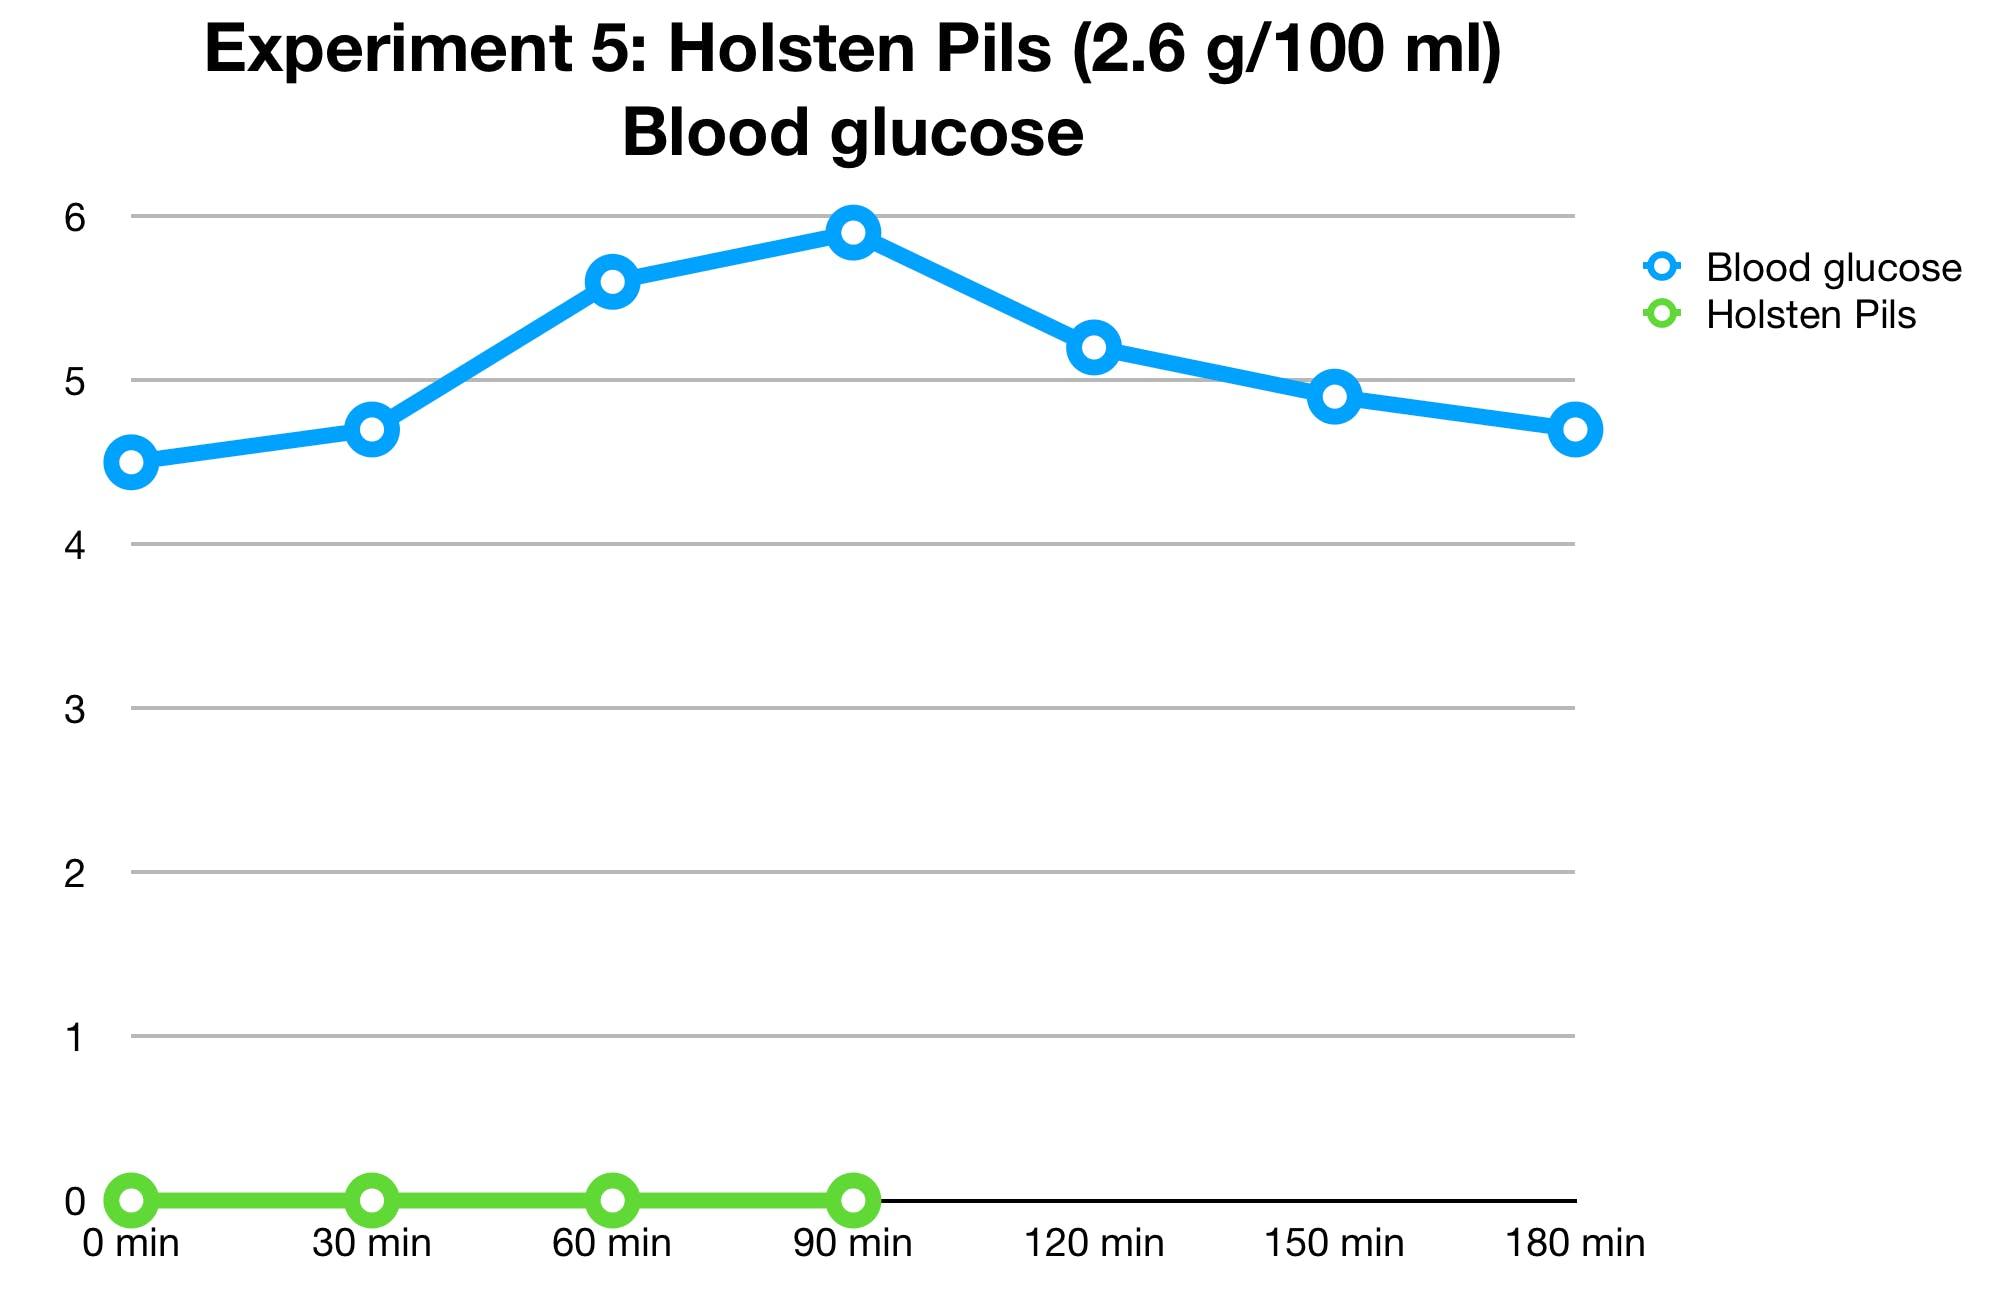 holsten-pils-glucose